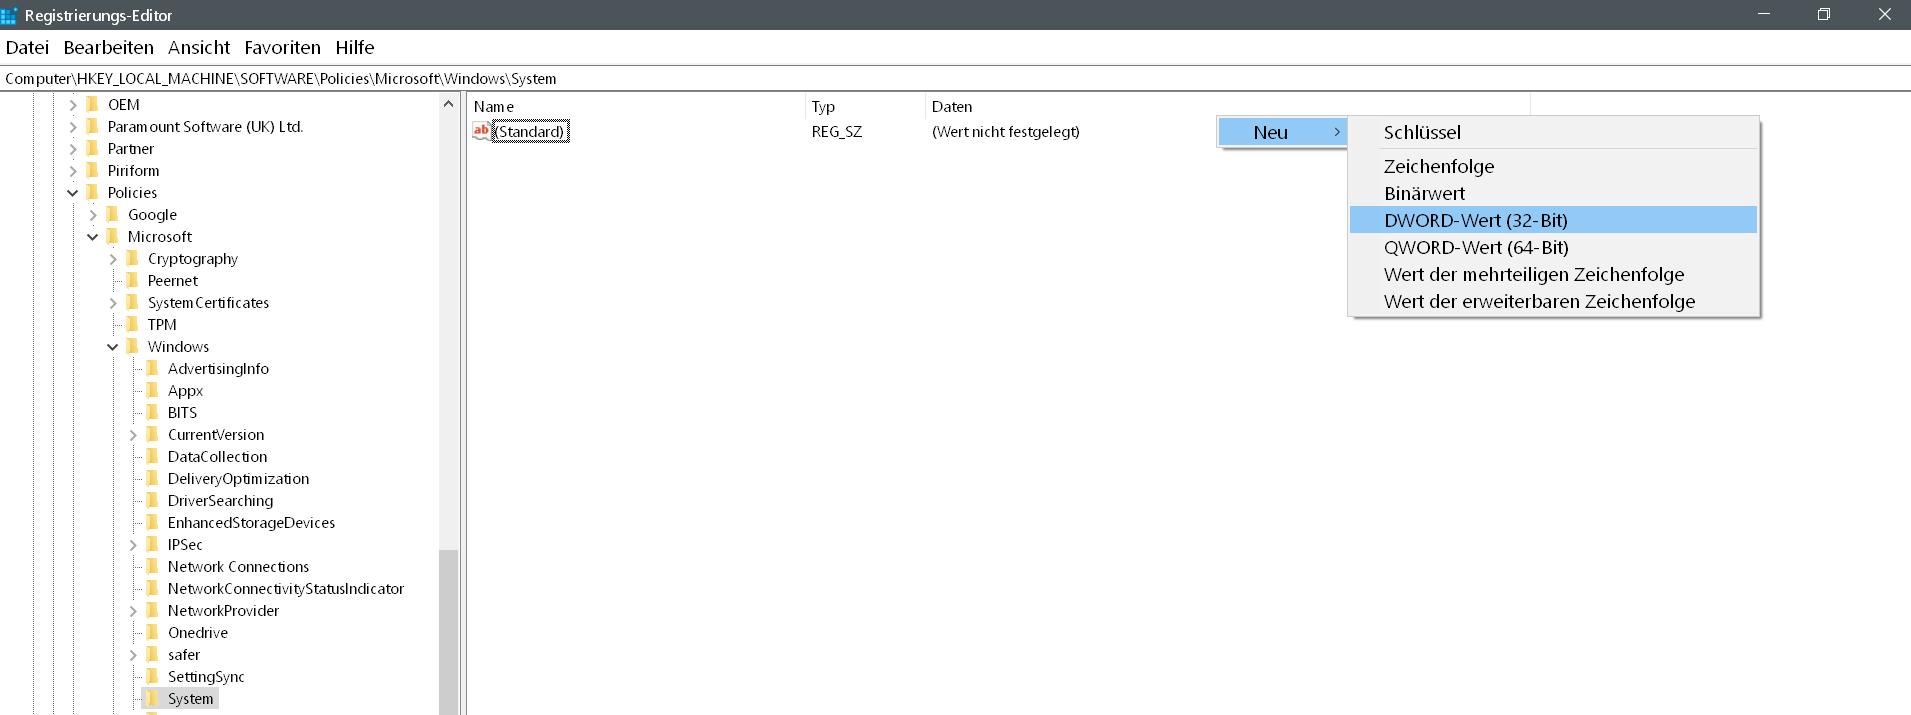 dword erstellen - Windows 10 Telefon deaktivieren